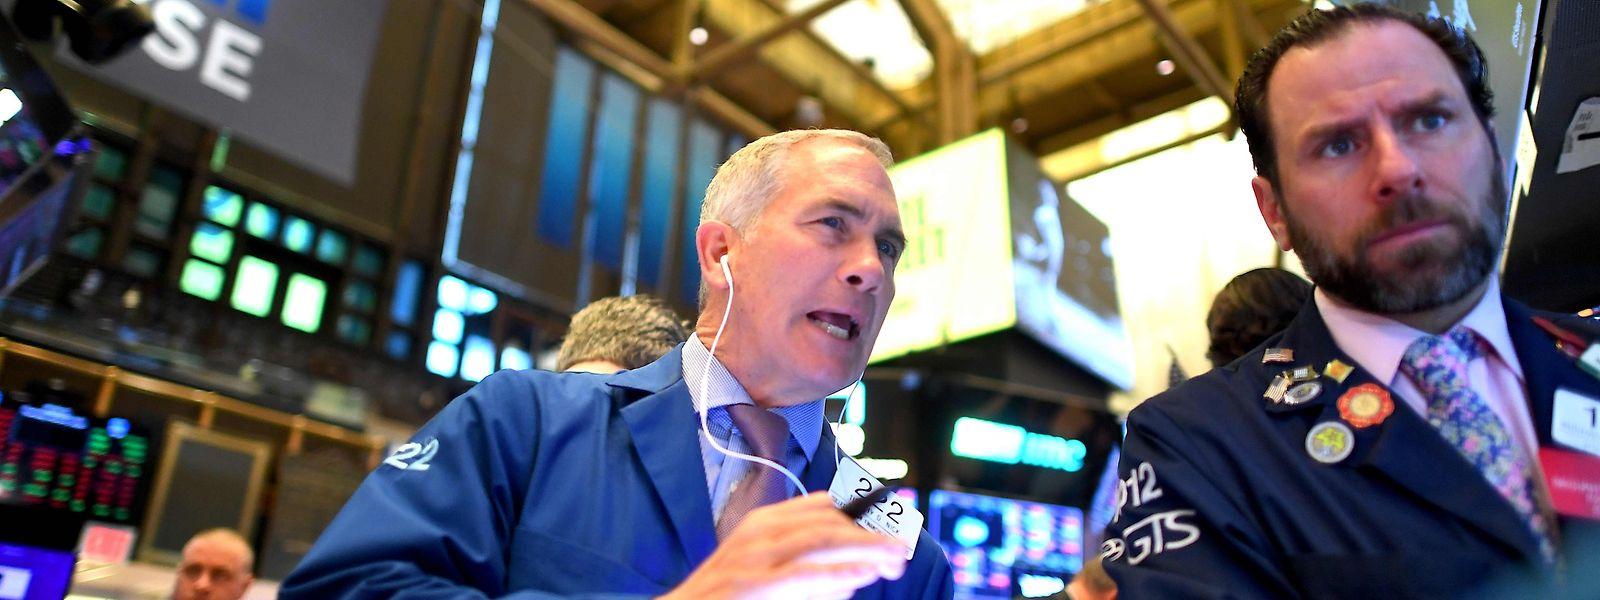 Gleich nach Handelsbeginn sackte an der Wall Street der Kurs in den Keller - die Börsenleitung zog die Notbremse.